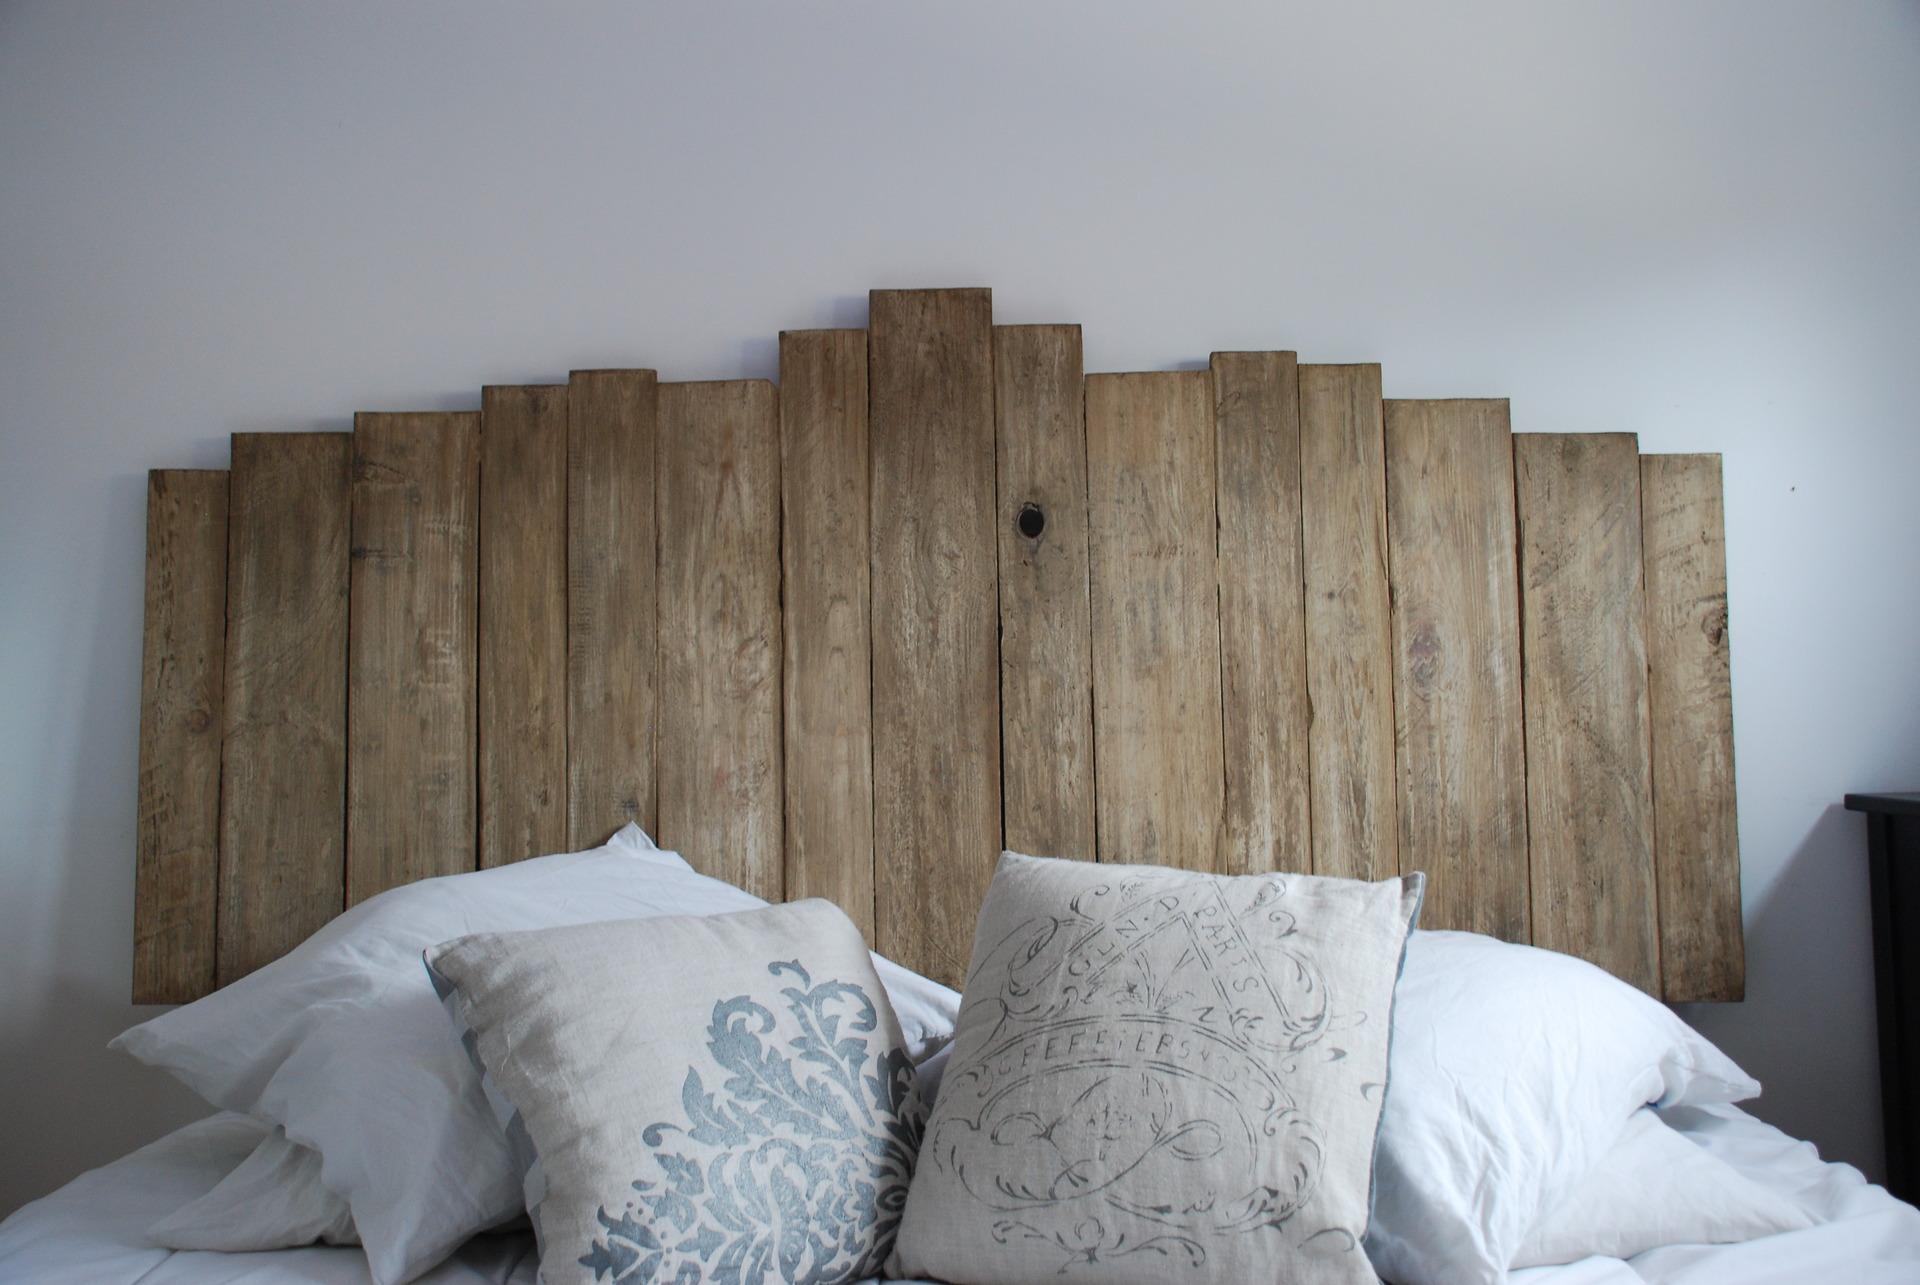 Tête de lit faite avec du bois de palettes : meubles par atelierquatrecoeurs